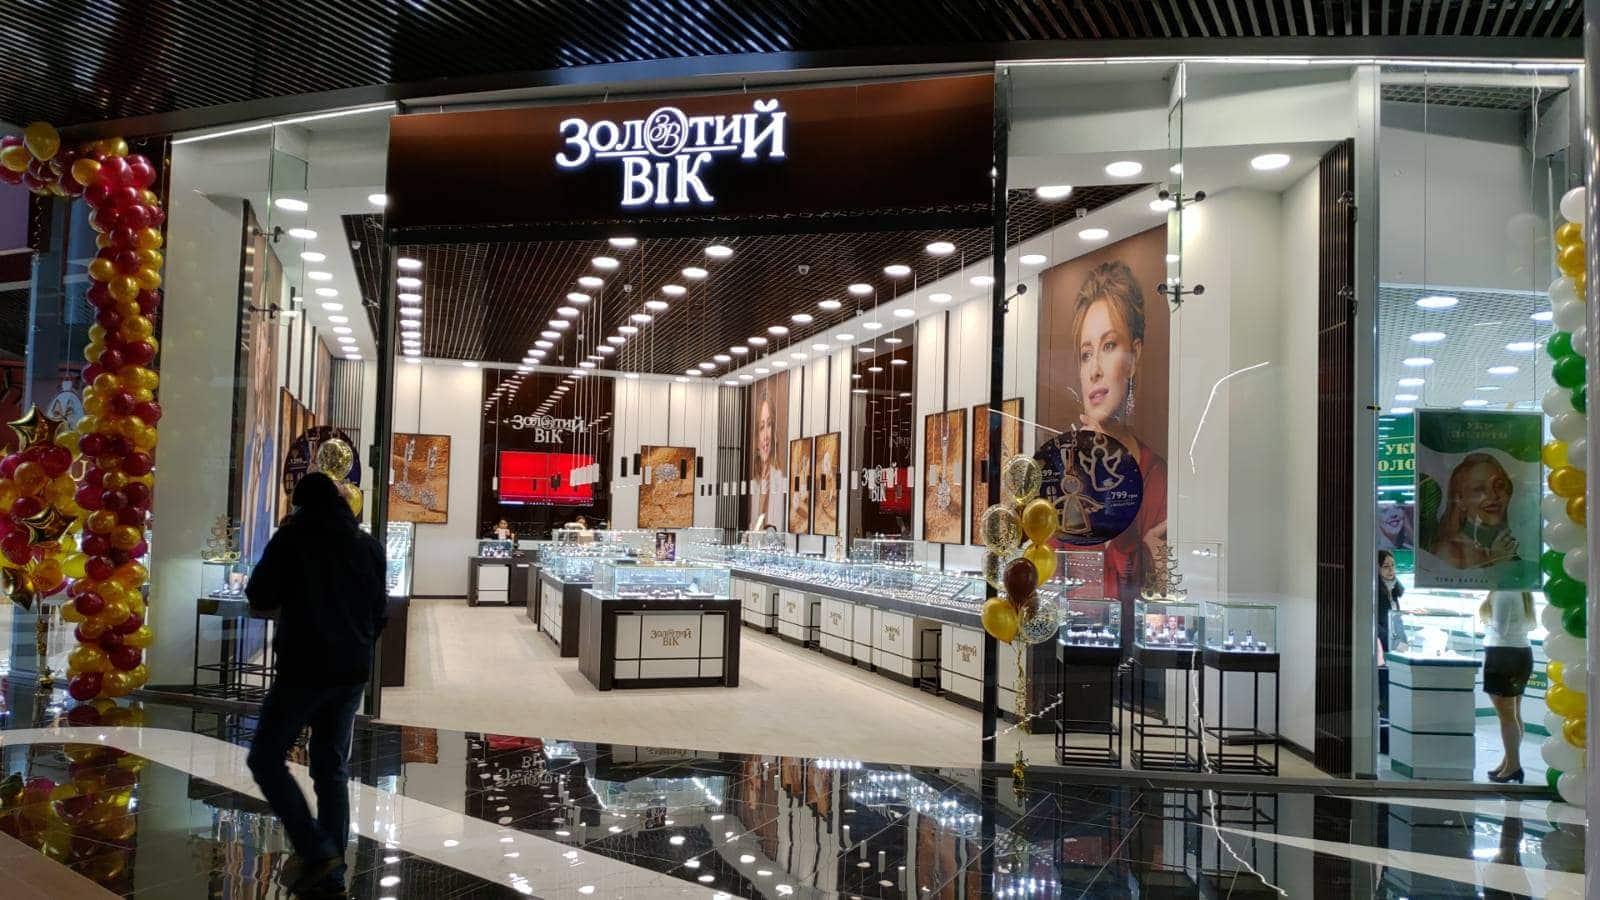 Ювелірні бренди у Blockbuster Mall: «Золотий вік»